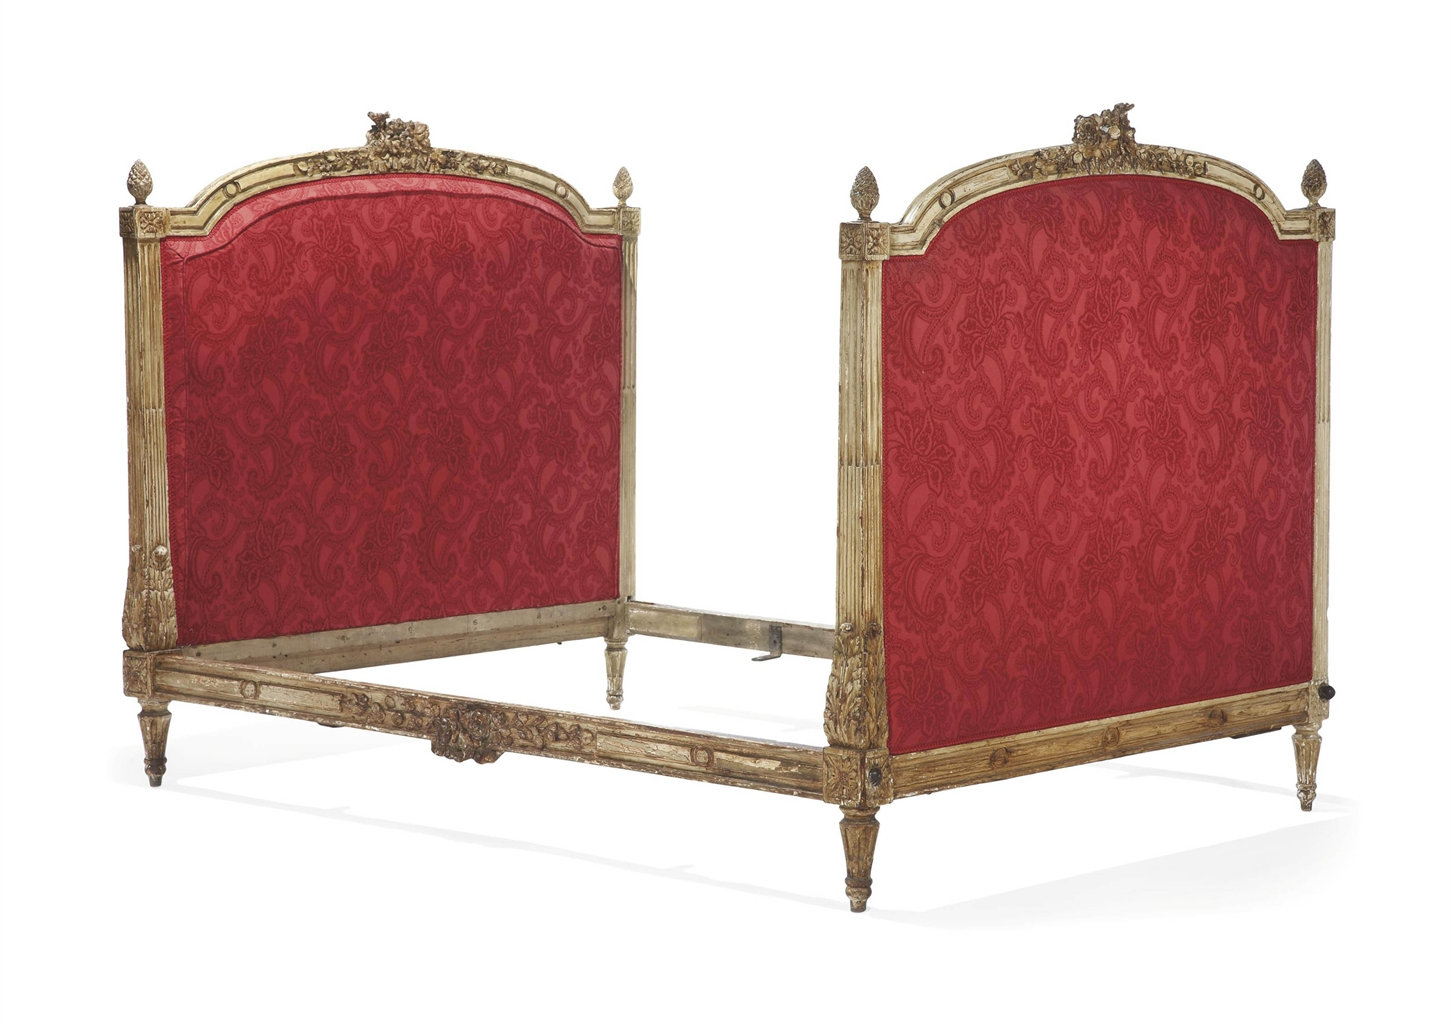 lit d 39 epoque louis xvi estampille de pierre magdeleine pluvinet troisieme quart du xviiieme. Black Bedroom Furniture Sets. Home Design Ideas